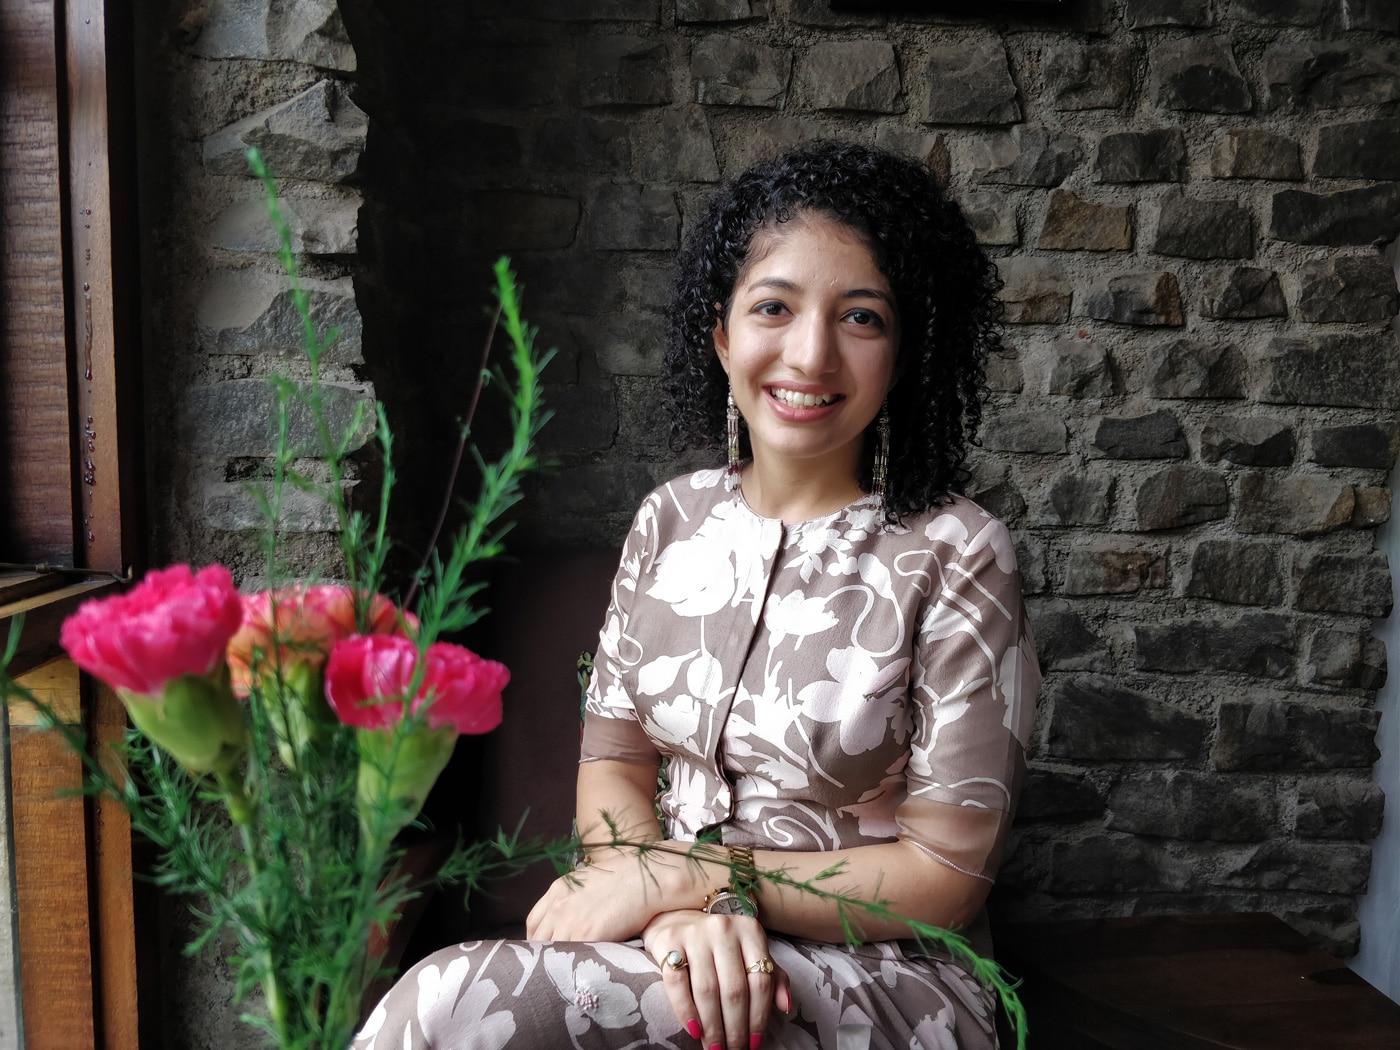 Vidisha Anand